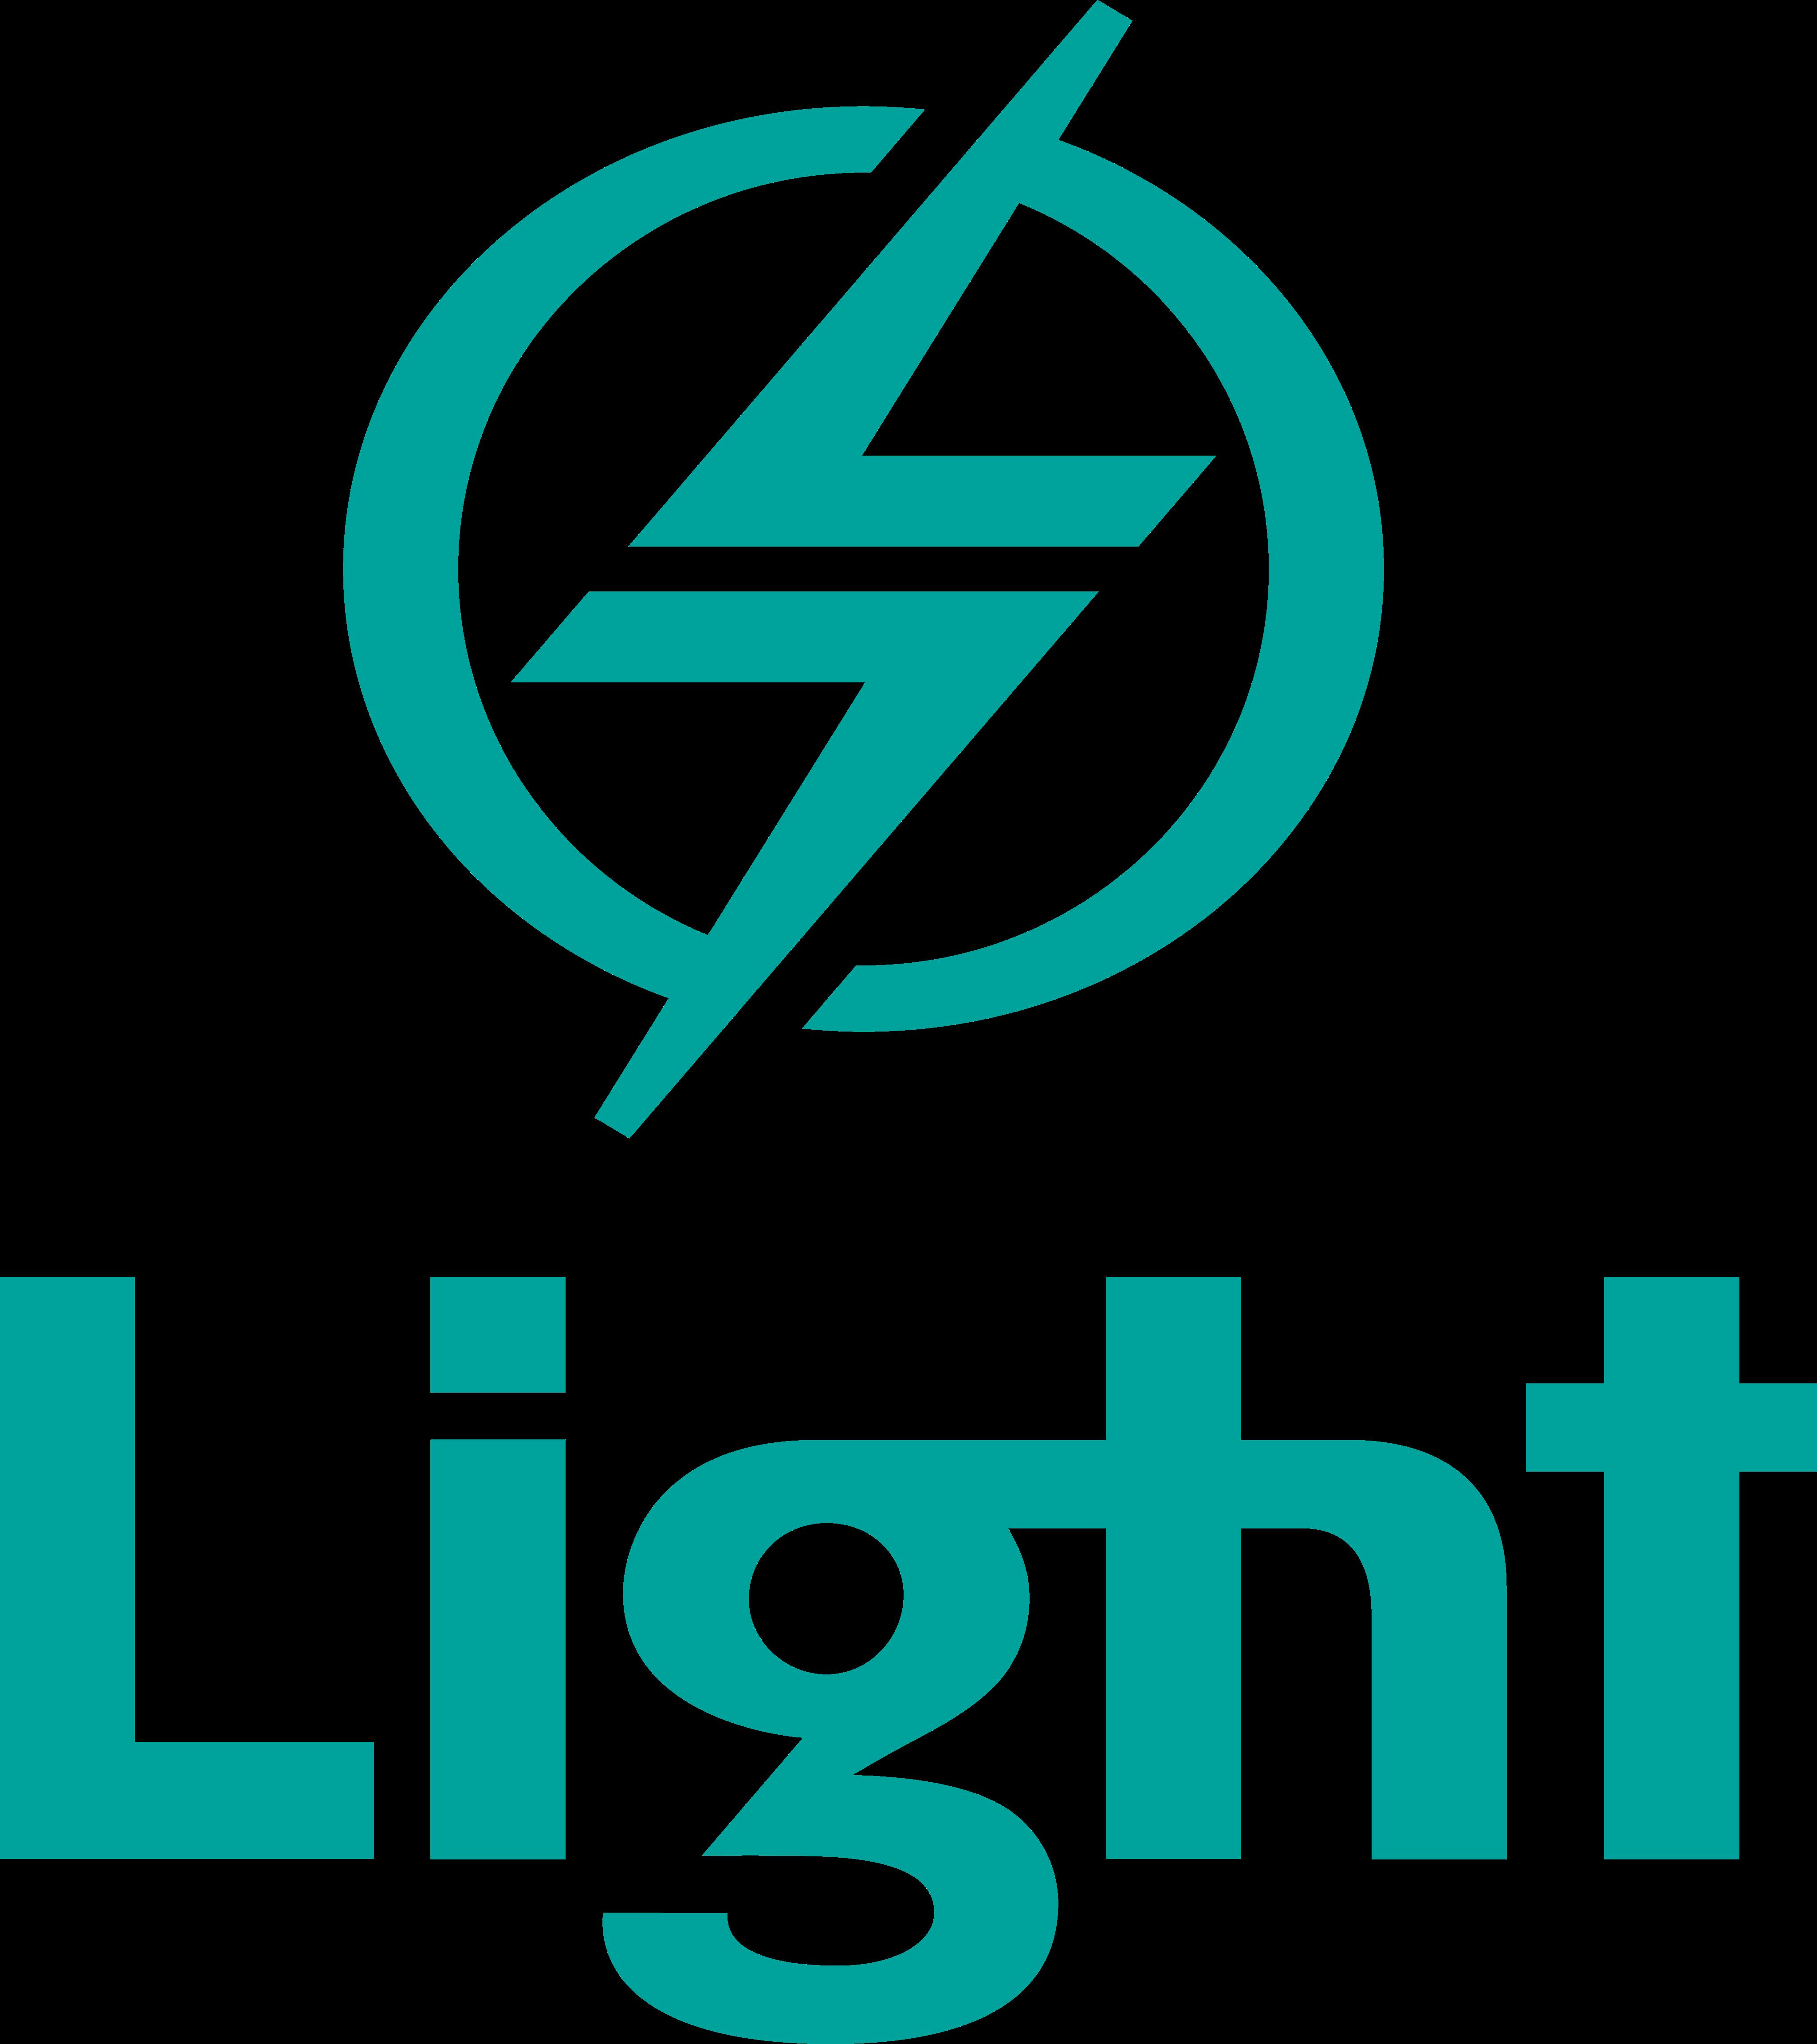 light logo 1 - Light Energia Logo